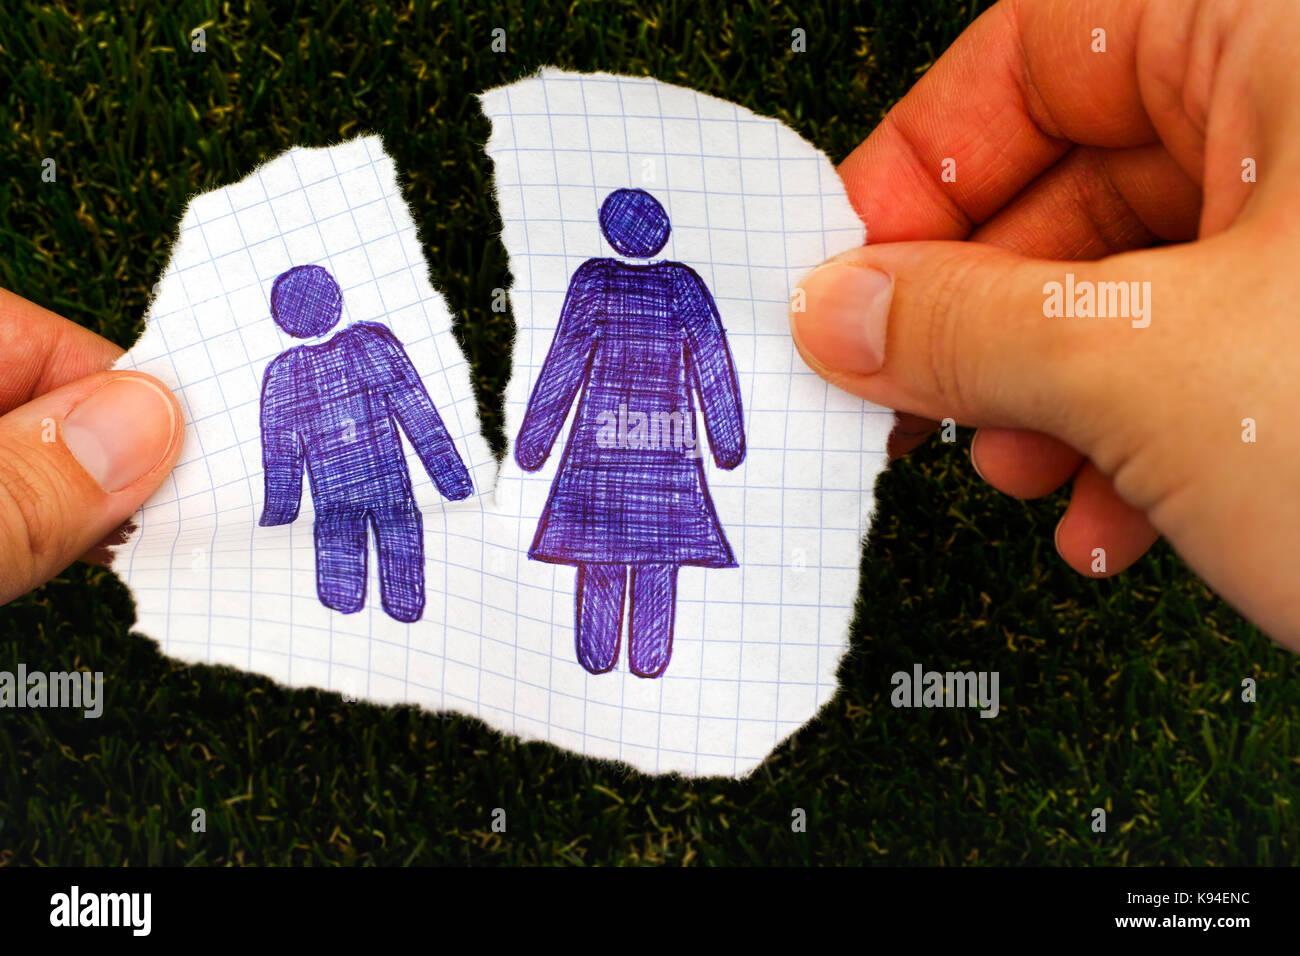 Donna mani rip pezzo di carta con disegnati a mano l uomo e la donna nelle figure. erba. sfondo doodle stile. Immagini Stock